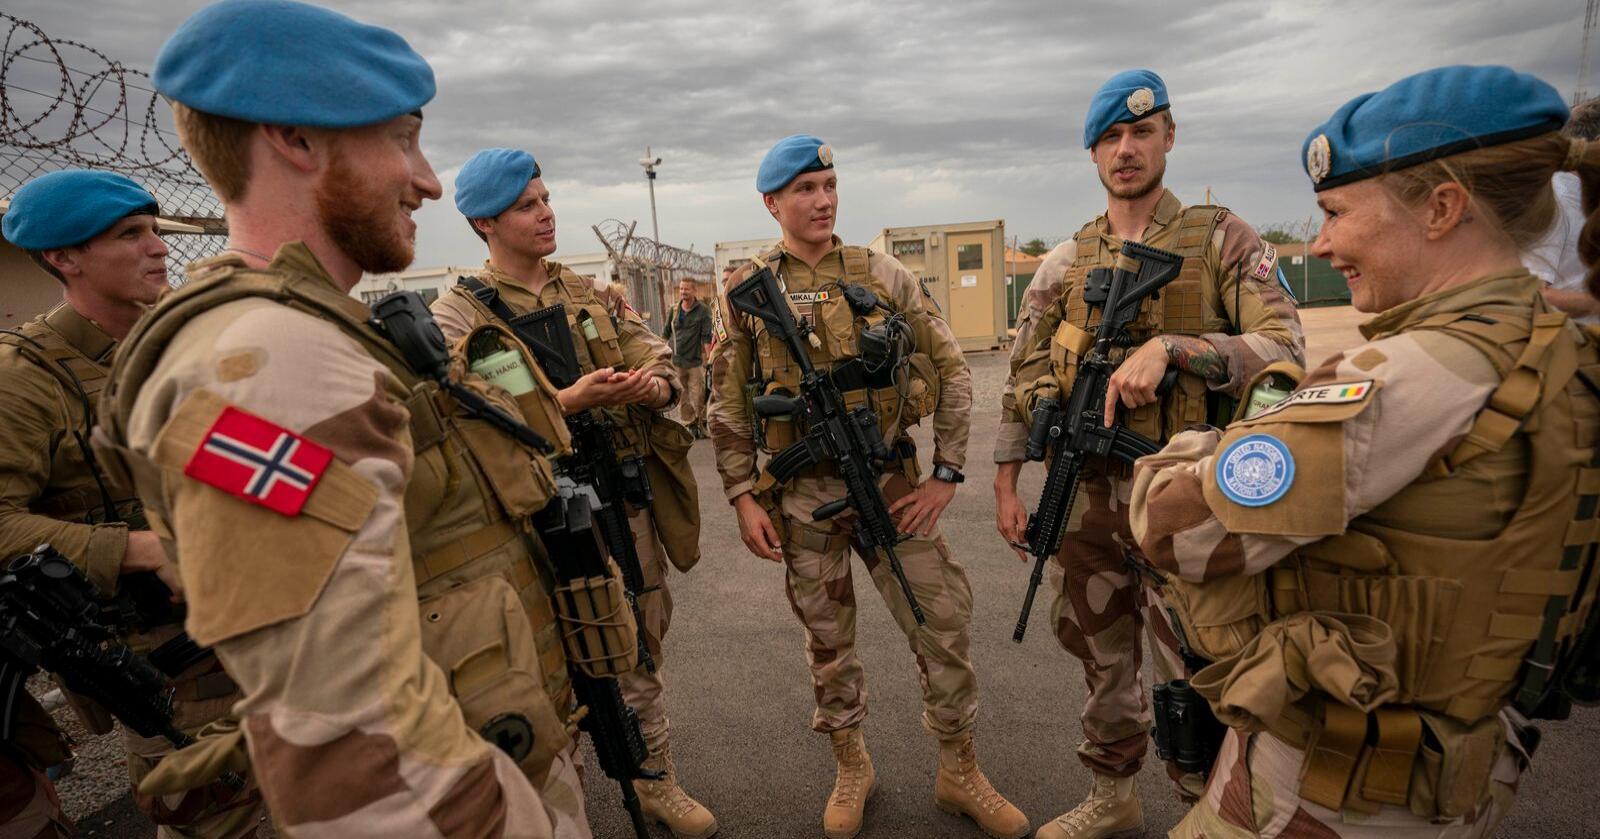 Norske FN-soldater på post i Camp Bifrost i Mali, som en del av den FNs fredsbevarende operasjon MINUSMA. Norsk deltakelse i internasjonale militæroperasjoner har kostet 32 milliarder kroner siden 1990. Foto: Heiko Junge / NTB scanpix